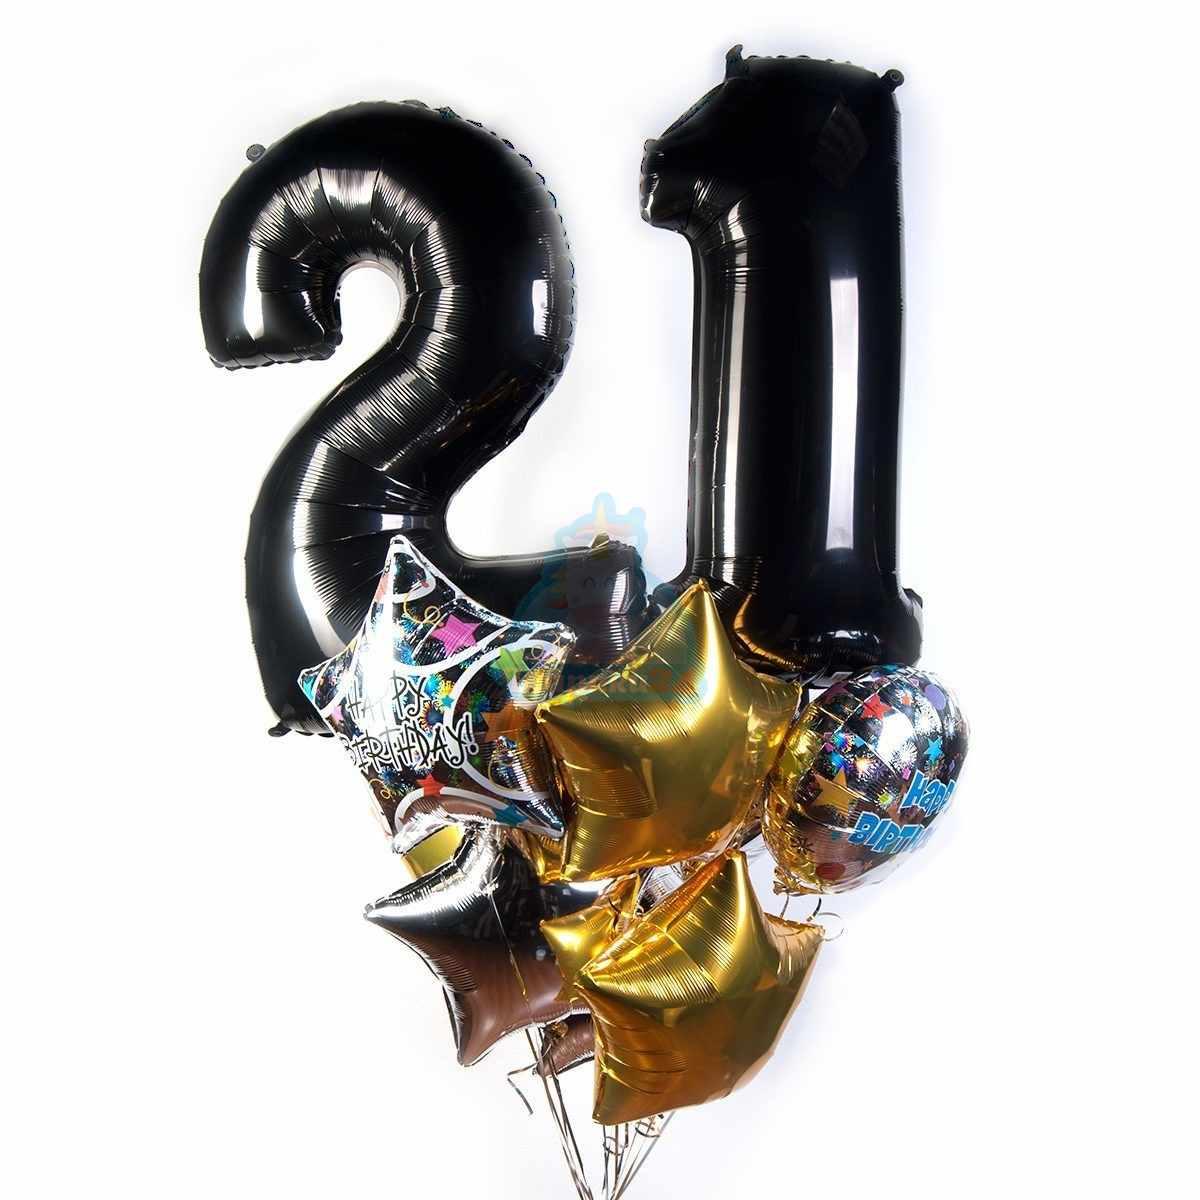 Букет на день рождения с черными цифрами и звездами фото в интернет-магазине Шарики 24